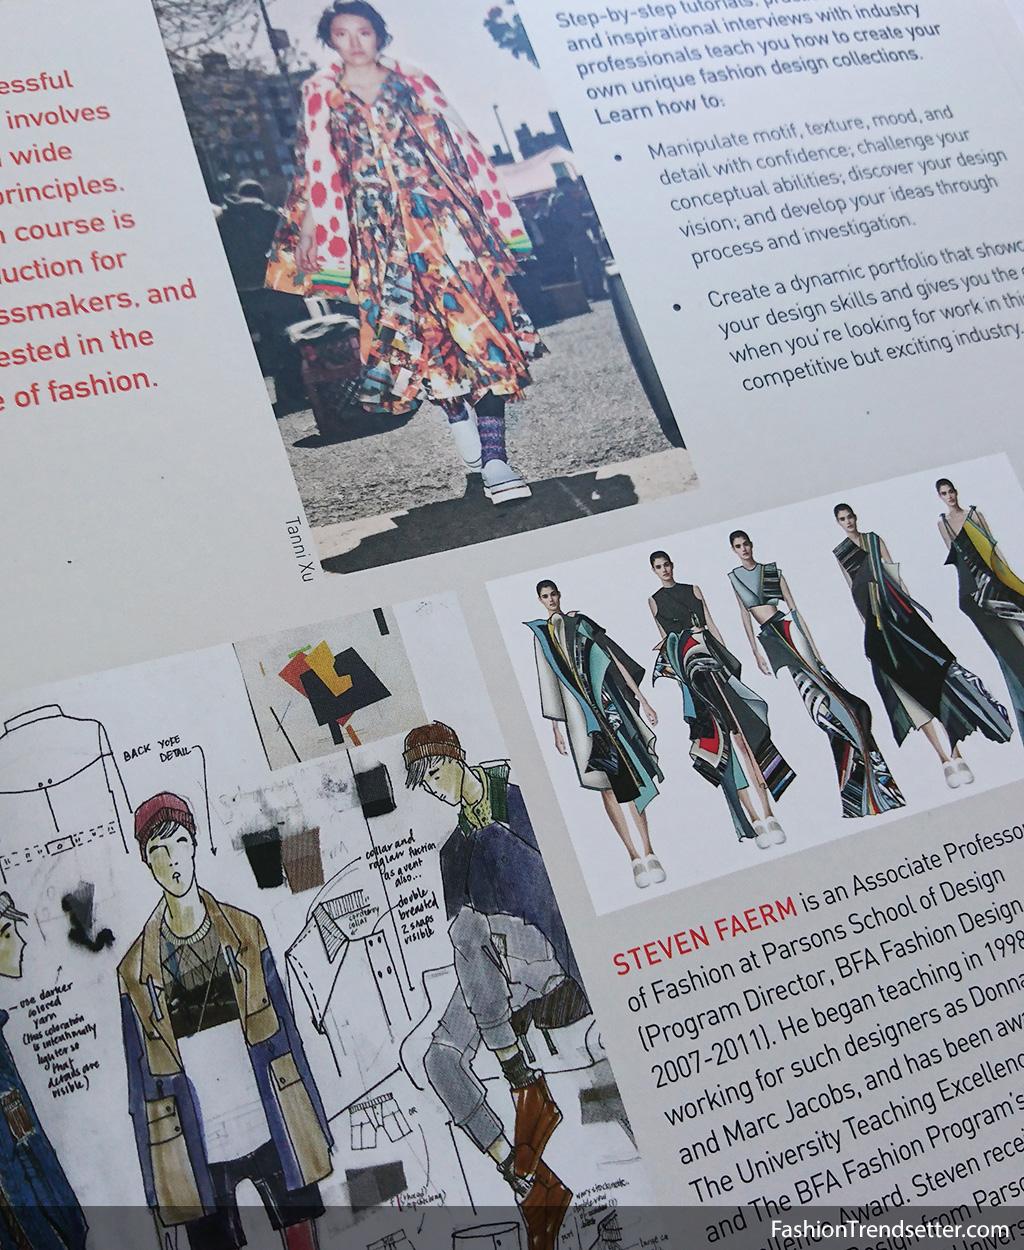 Fashion Design Course Steven Faerm